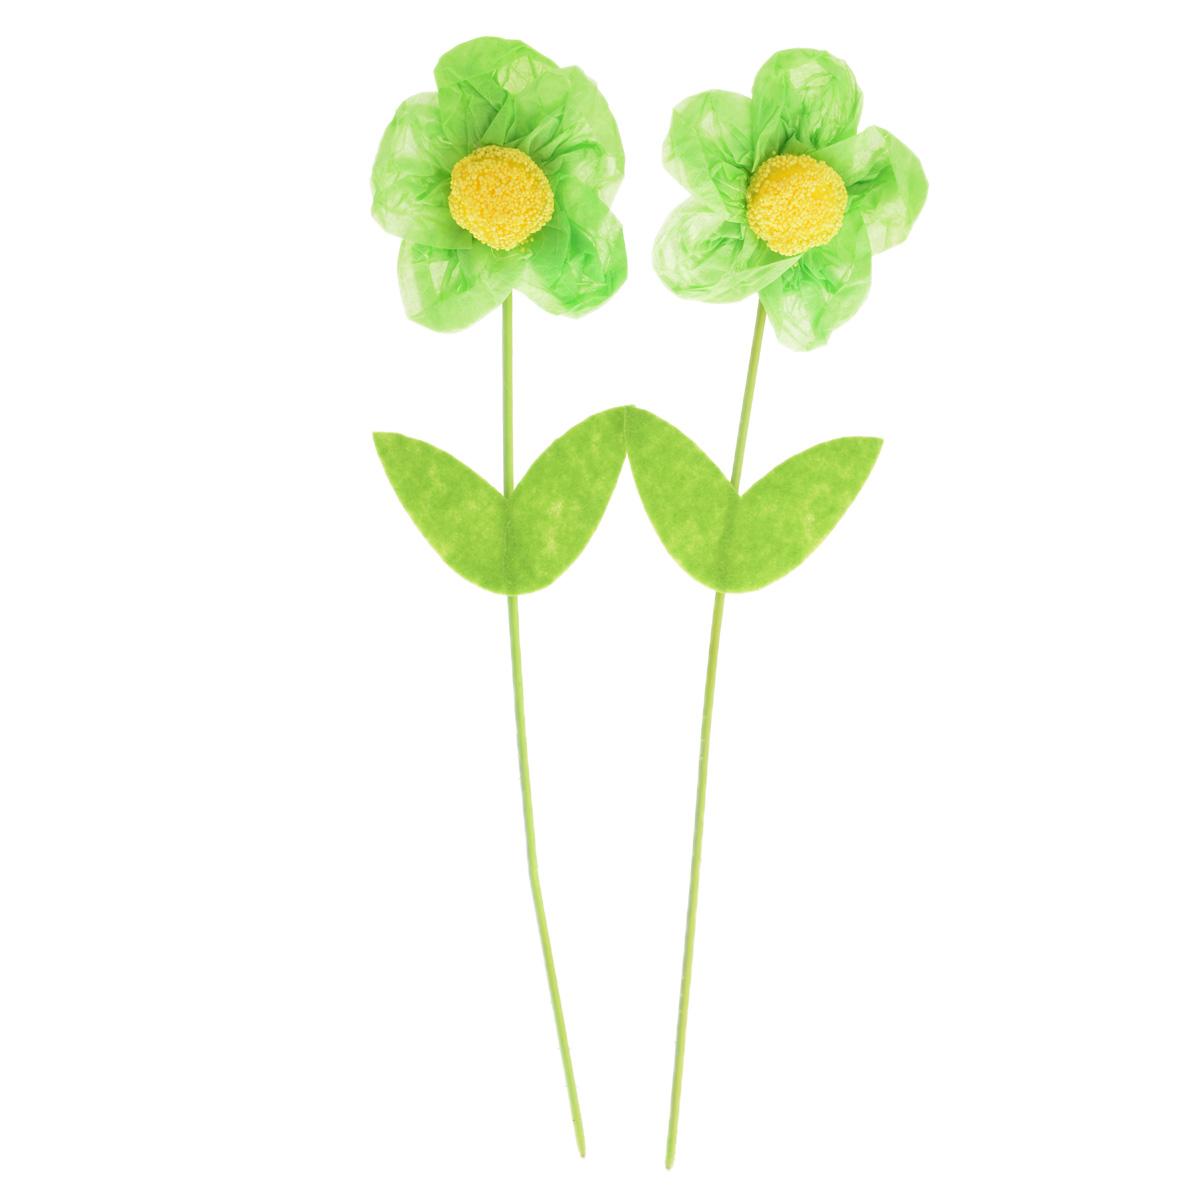 Набор декоративных украшений Home Queen Цветок, цвет: зеленый, 2 шт, высота 25 см набор декоративных вилочек home queen курочка для украшения кулича цвет желтый длина 10 см 3 шт